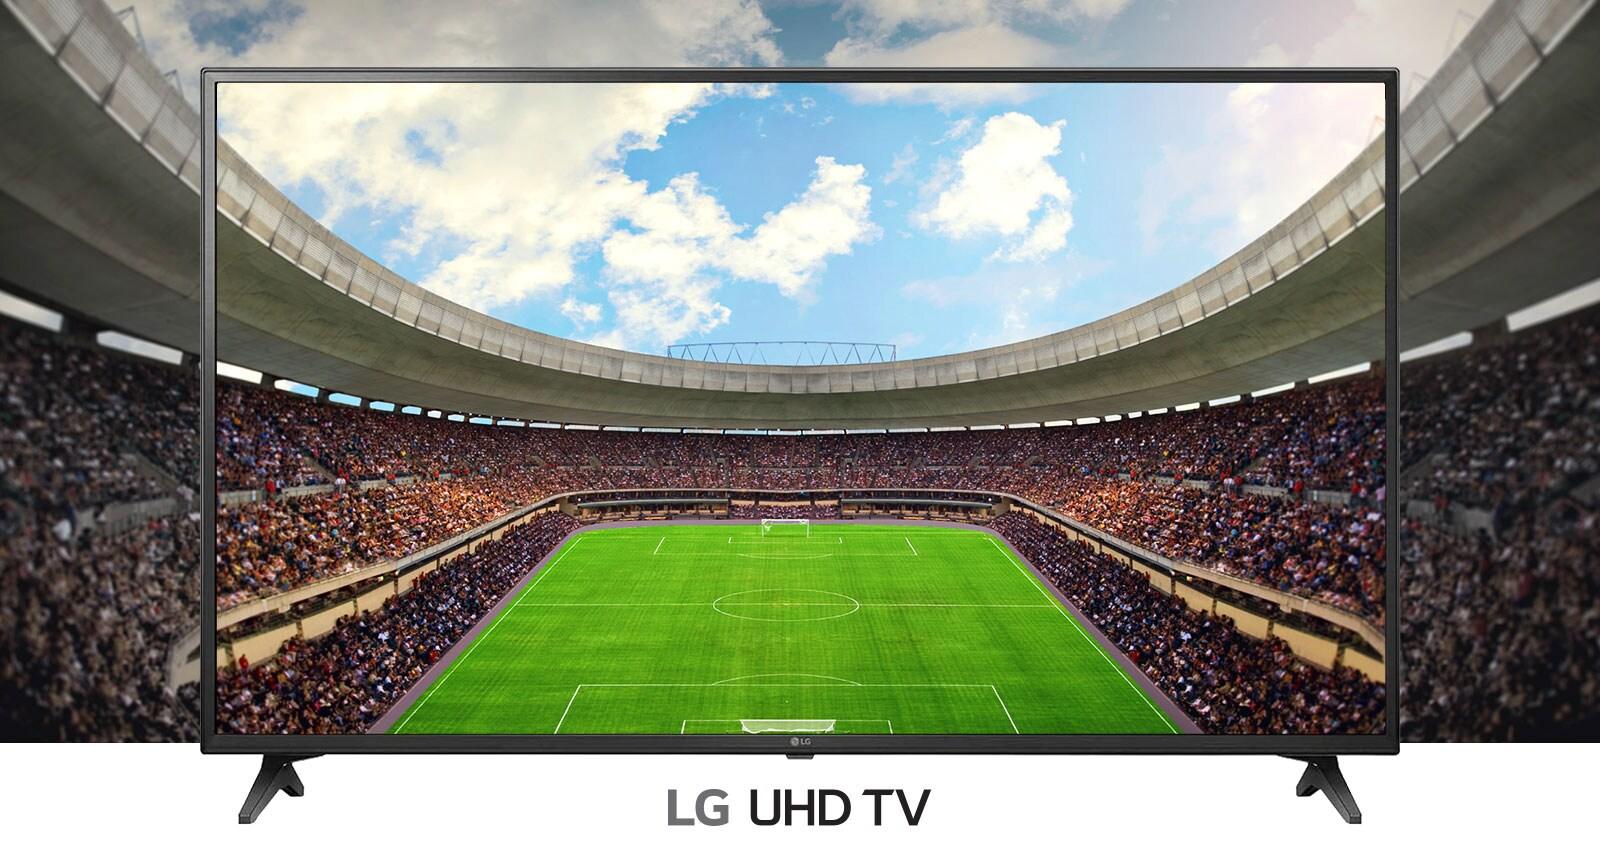 LG 55UN7190PTA  real 4K